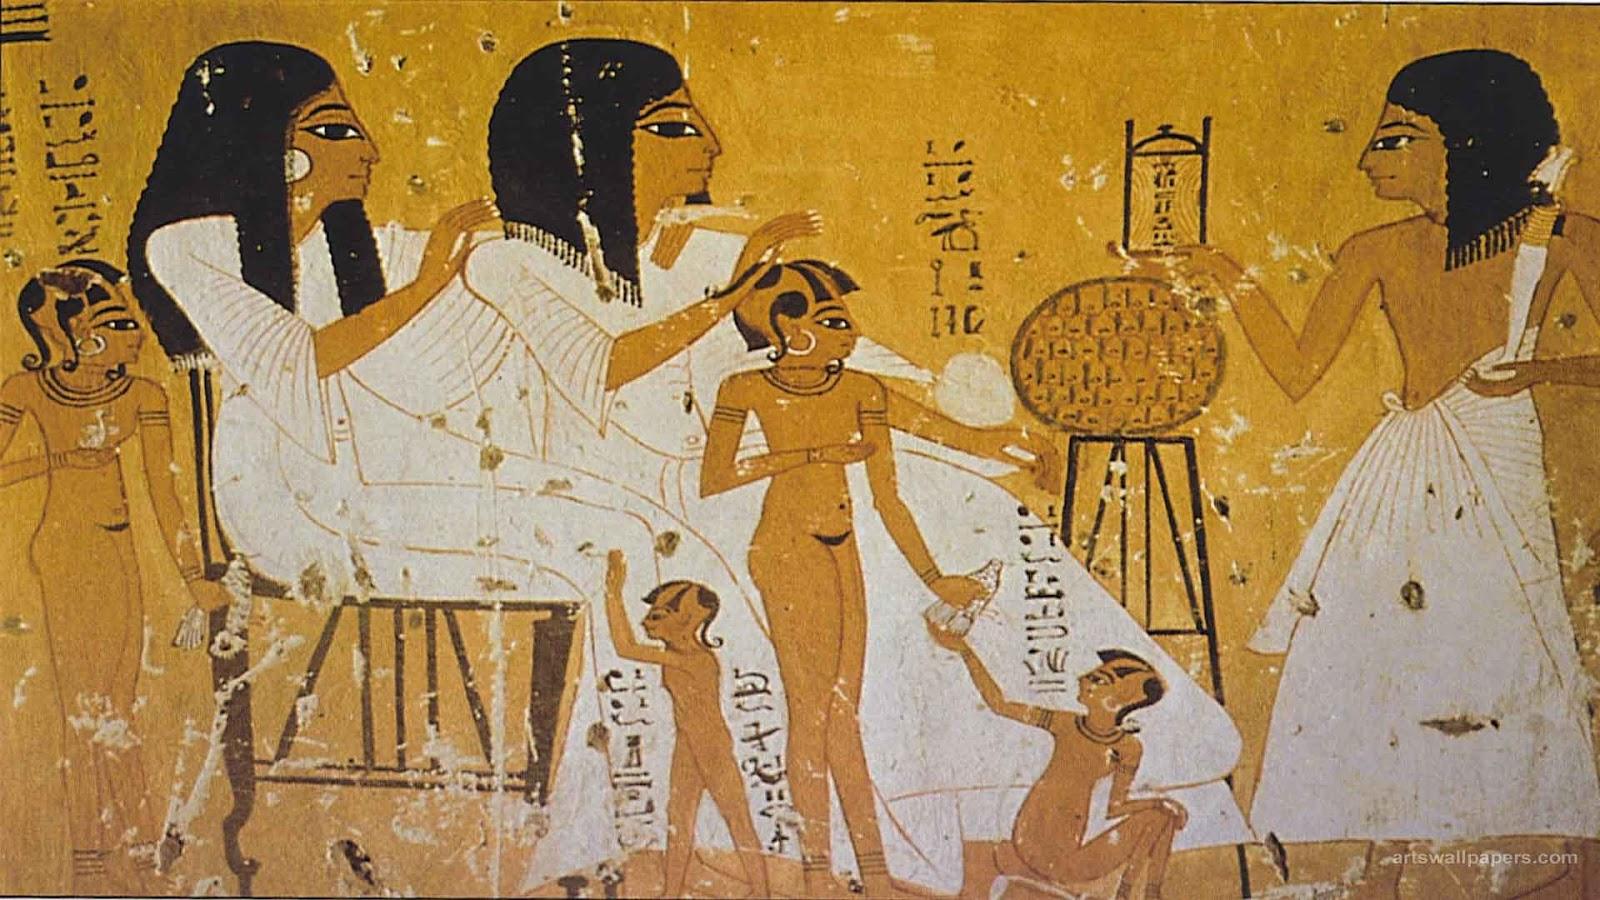 AndrEy SotnikOv ARt PortfoliO  Egyptian Art